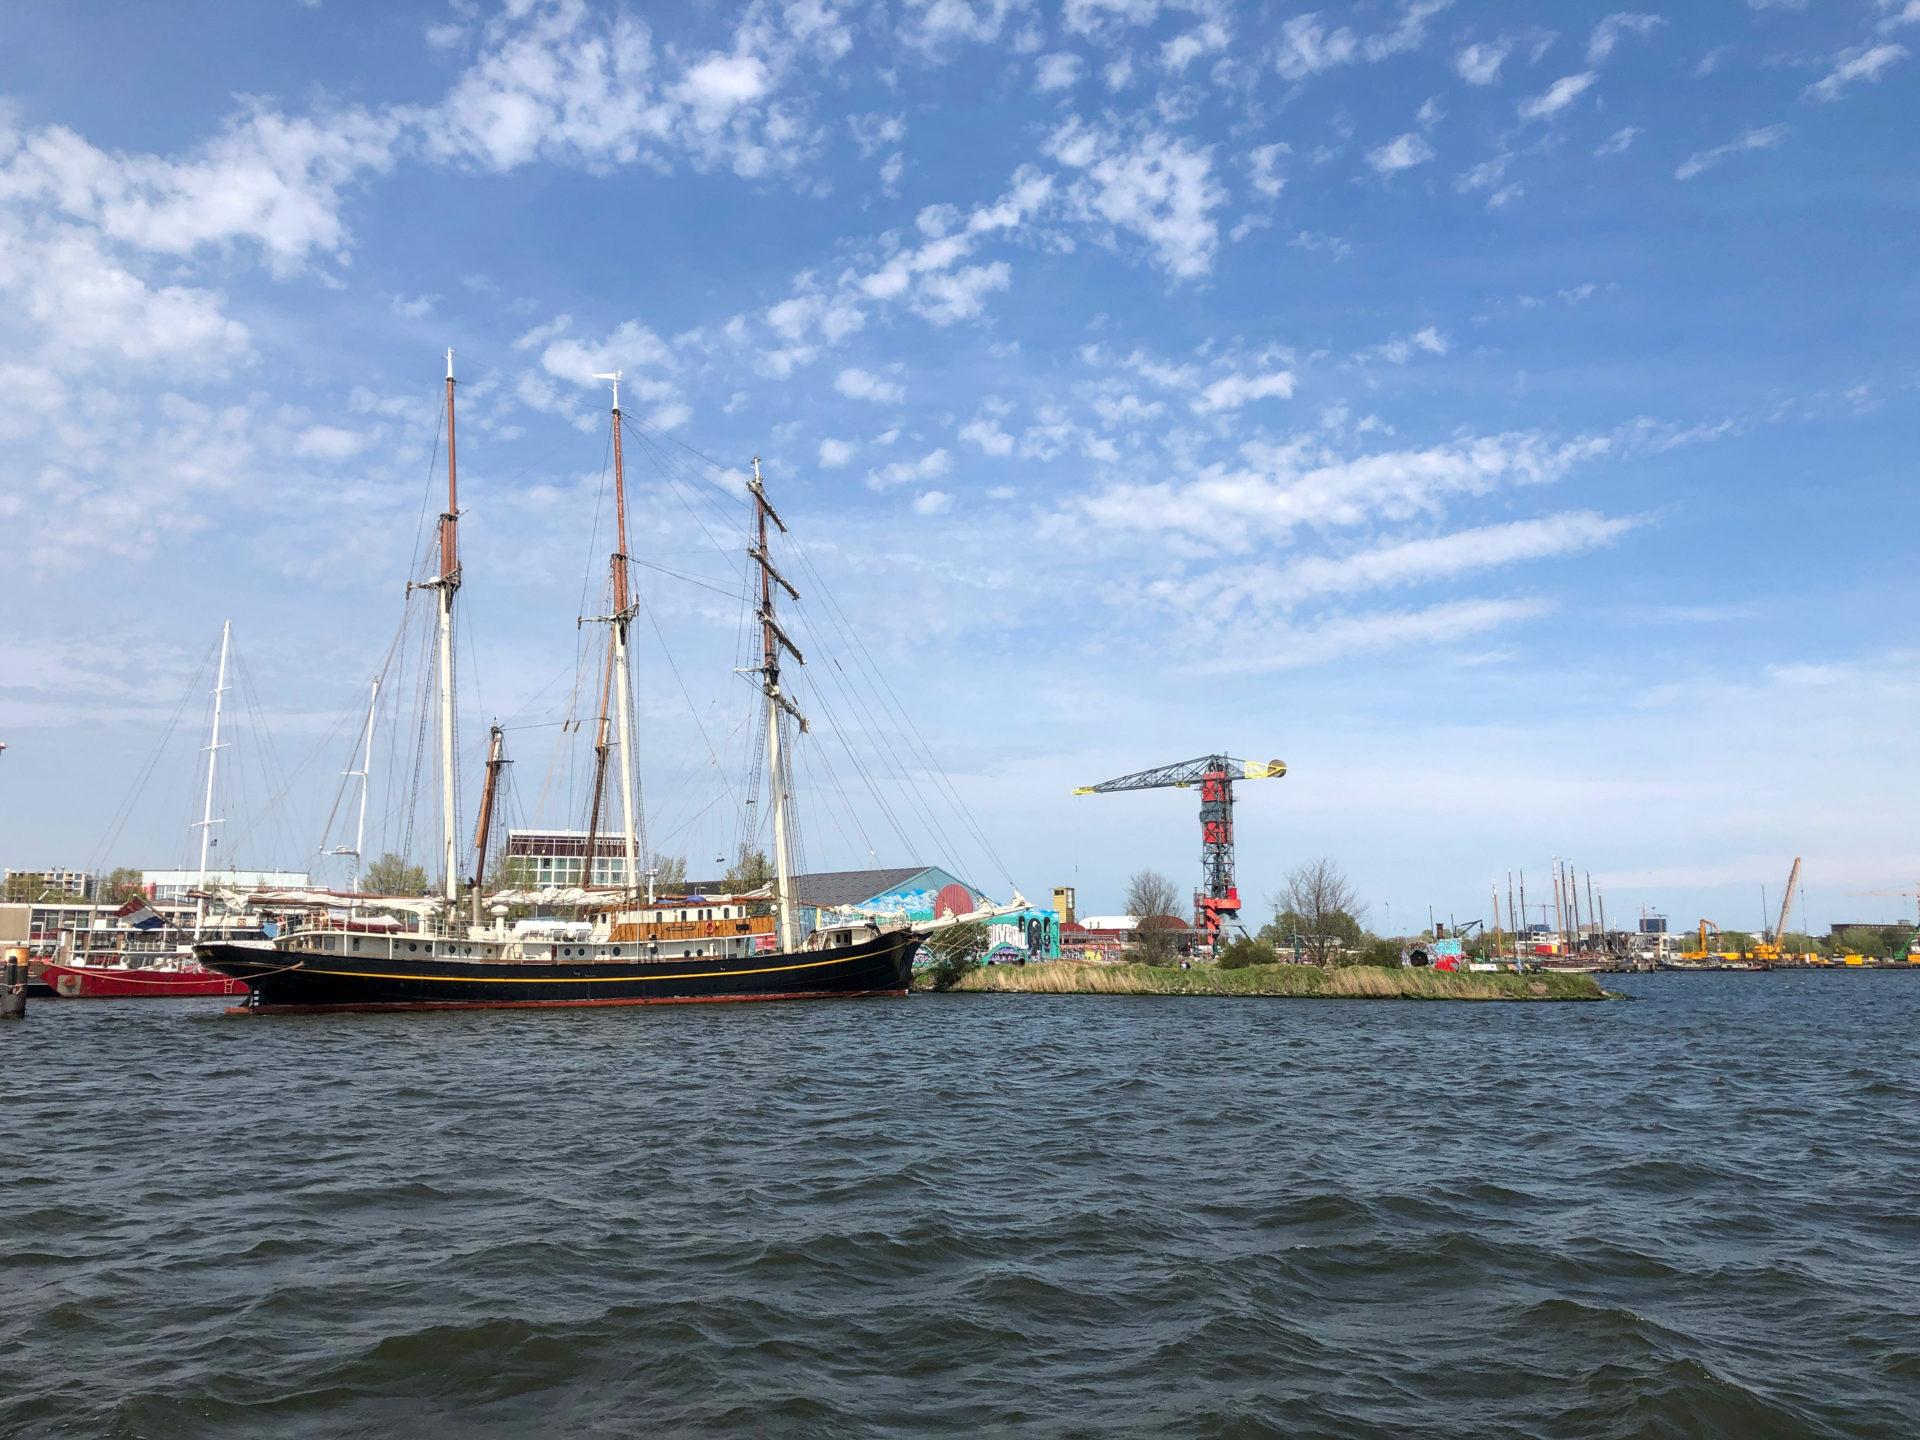 Segelboot vor hafenkran an der NDSM-Werft in Amsterdam